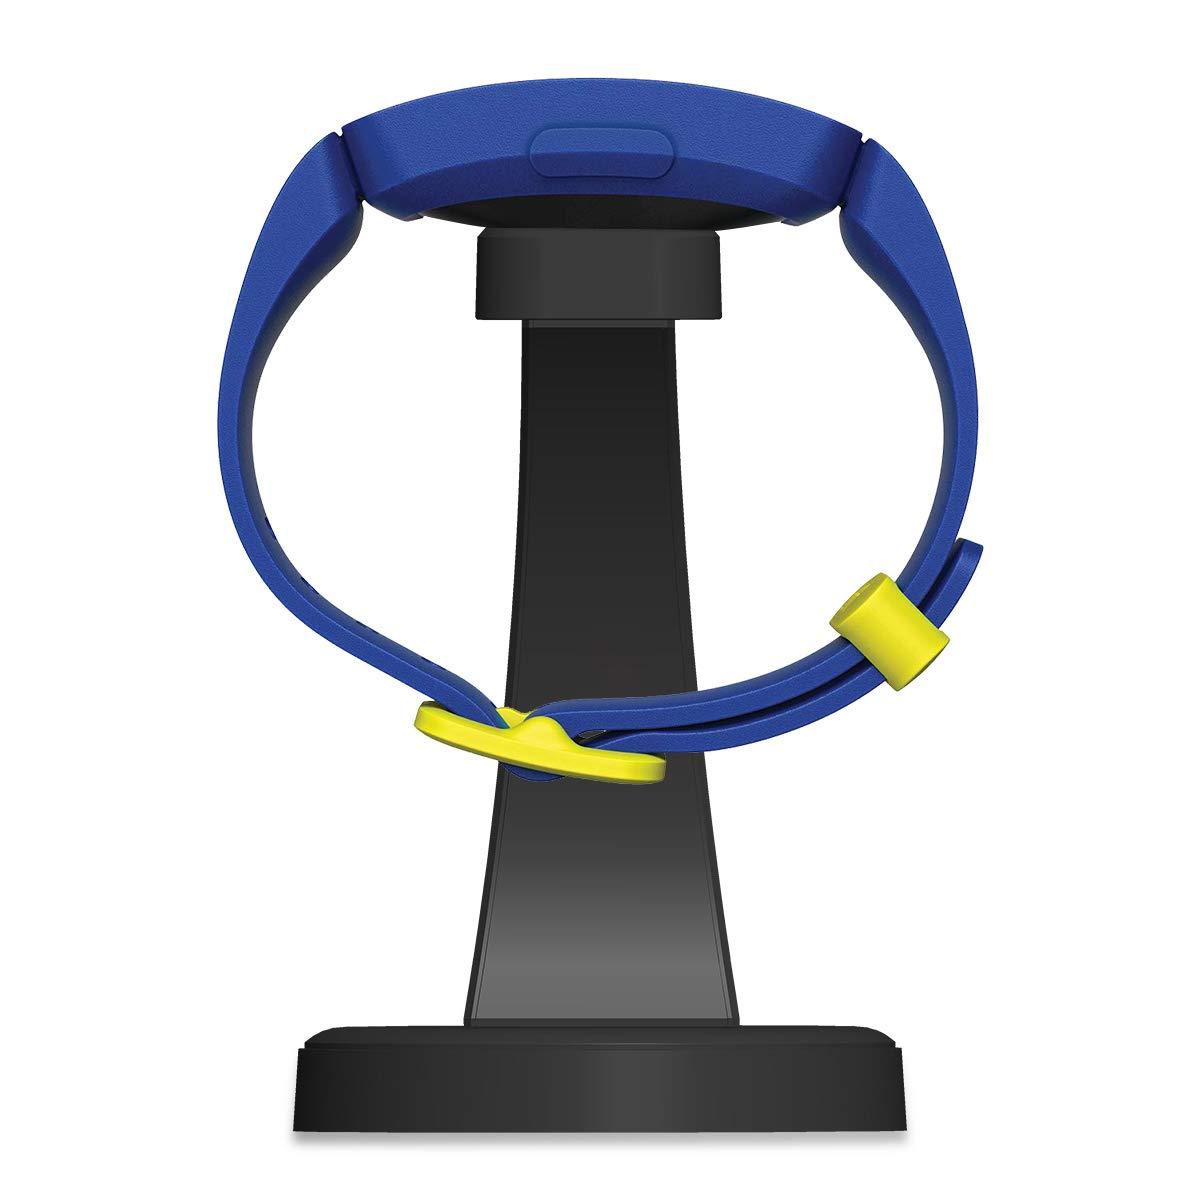 Spguard - Estación de carga compatible con Fitbit Ace 2, Fitbit Inspire HR, cargador con cable USB de 79,3 cm, estación… 1